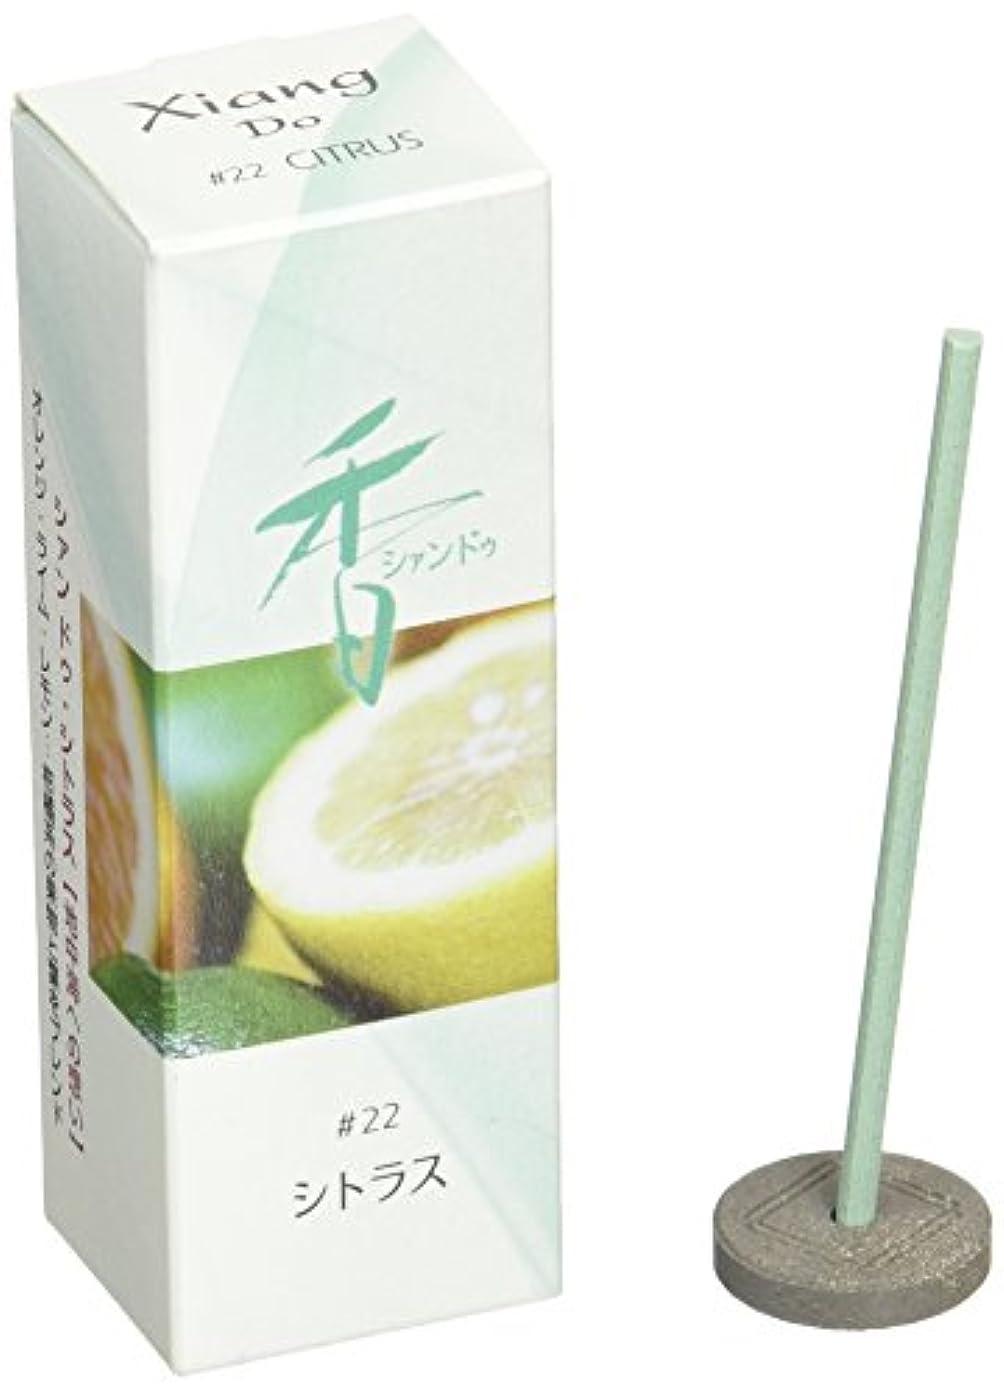 ほこりっぽい処方領域松栄堂のお香 Xiang Do(シャンドゥ) シトラス ST20本入 簡易香立付 #214222